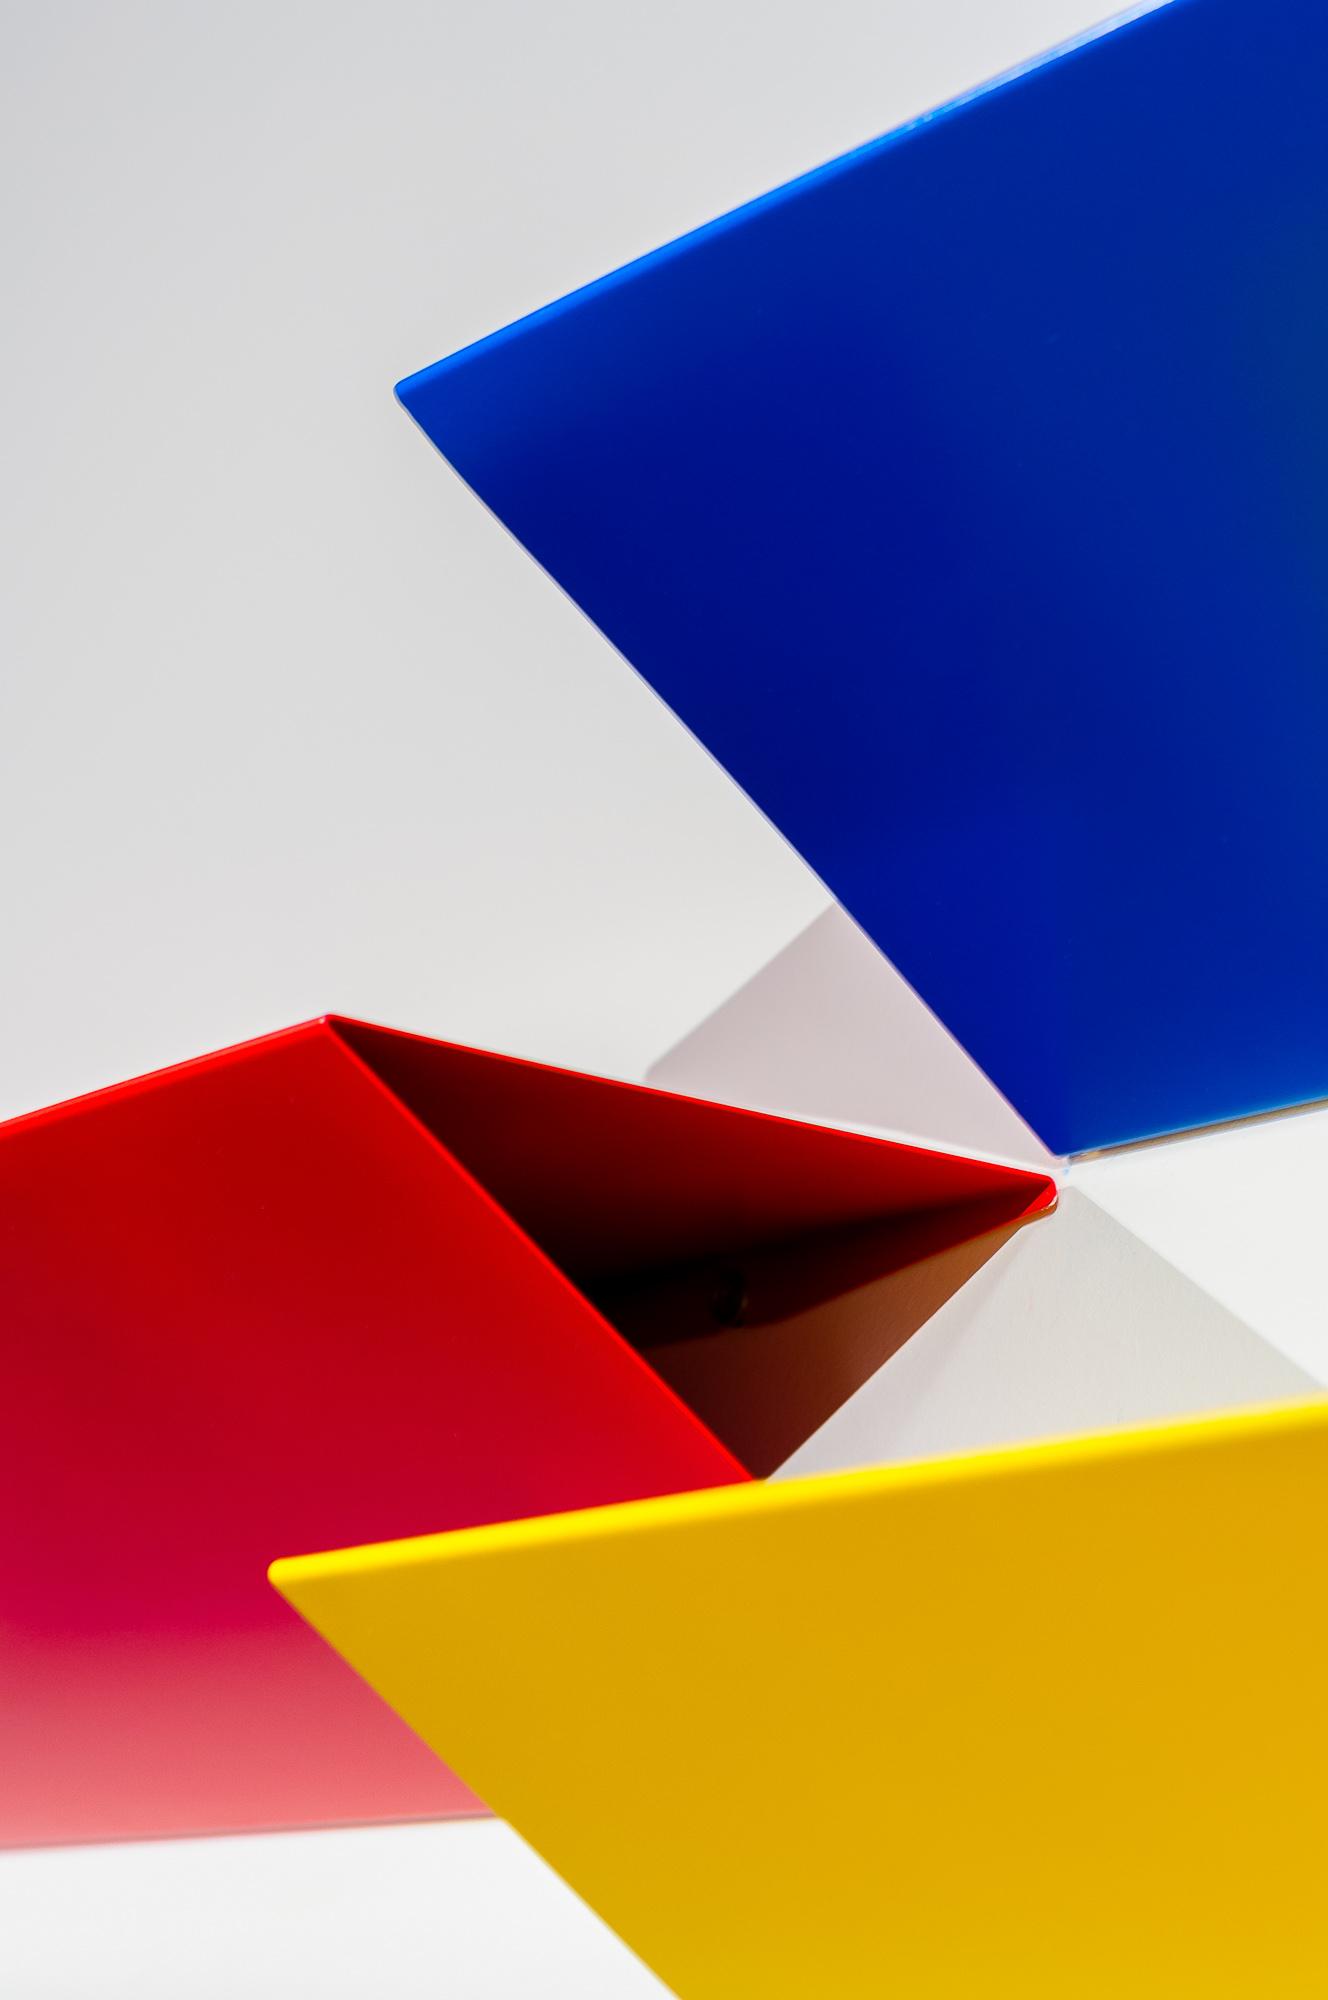 Objects_0166.jpg